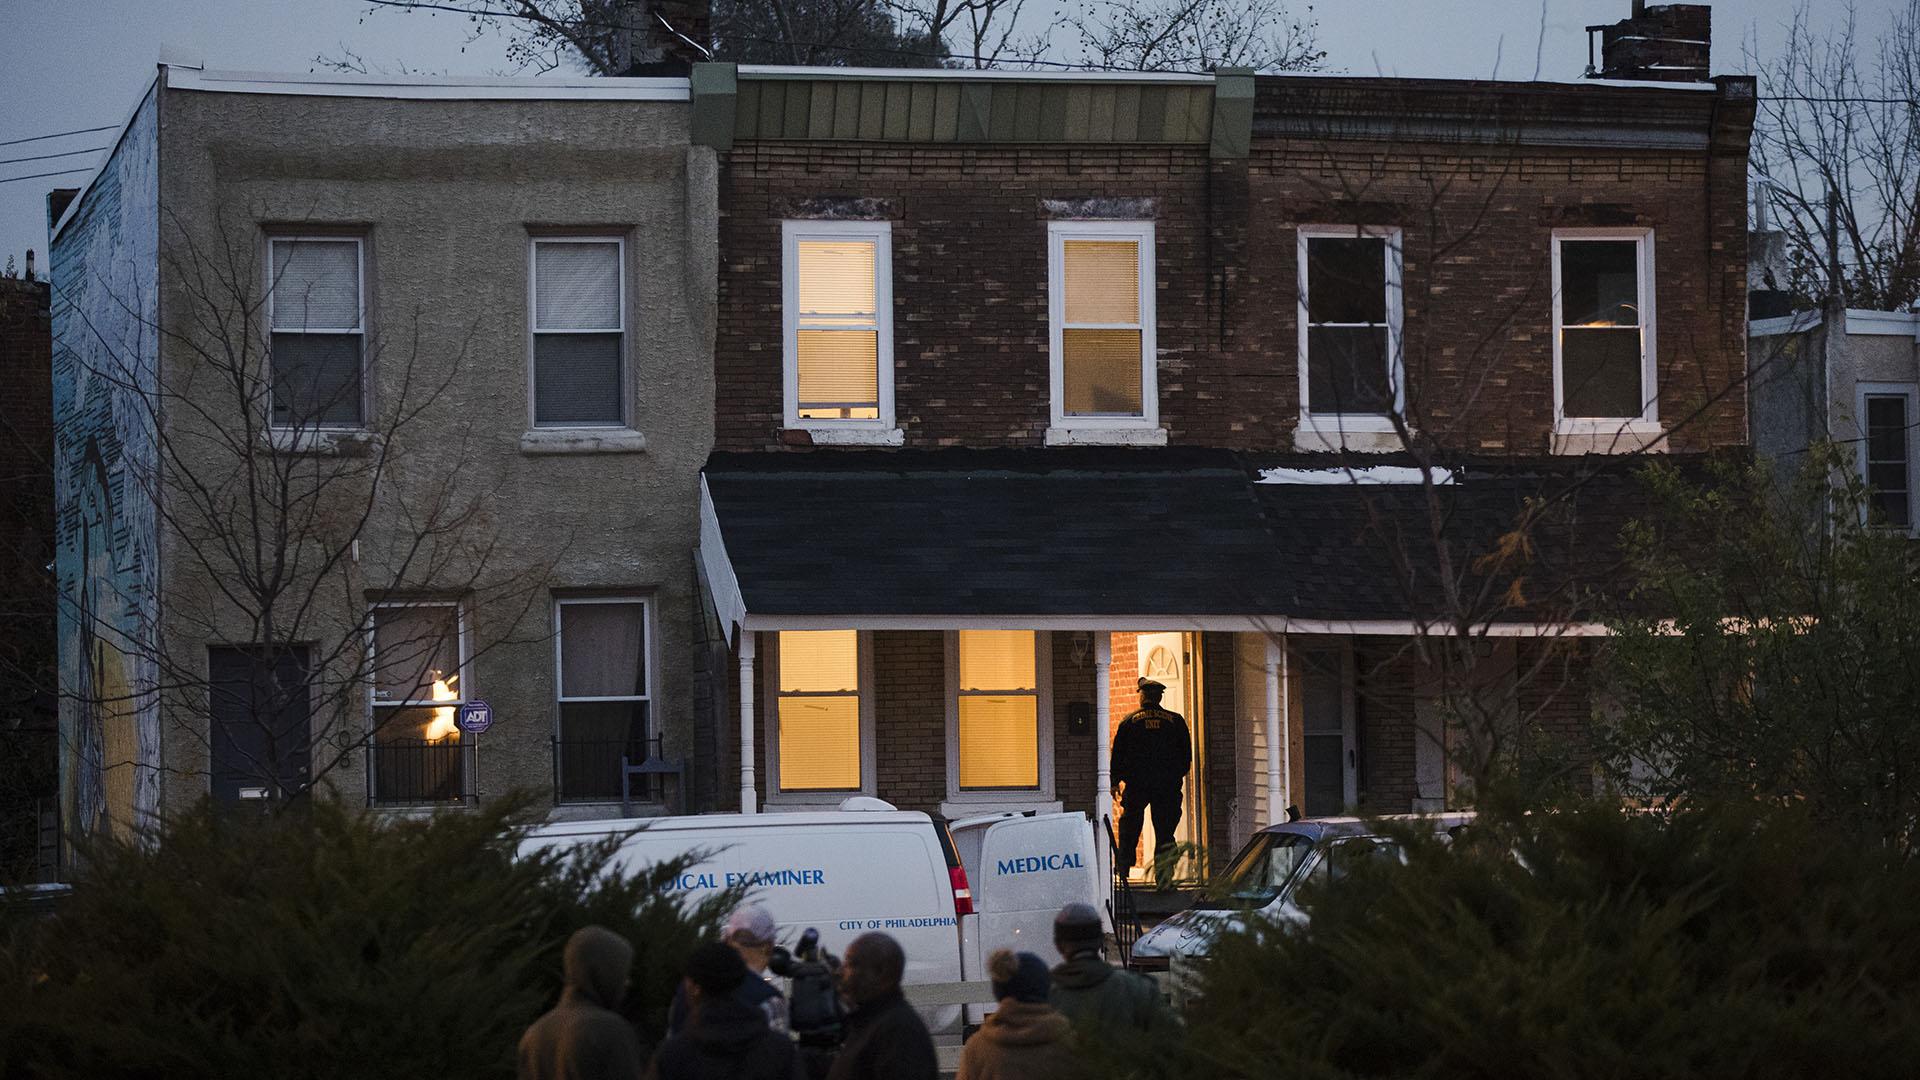 La vivienda en refacción en Filadelfia donde ejecutaron a cuatro personas en el sótano (AP)